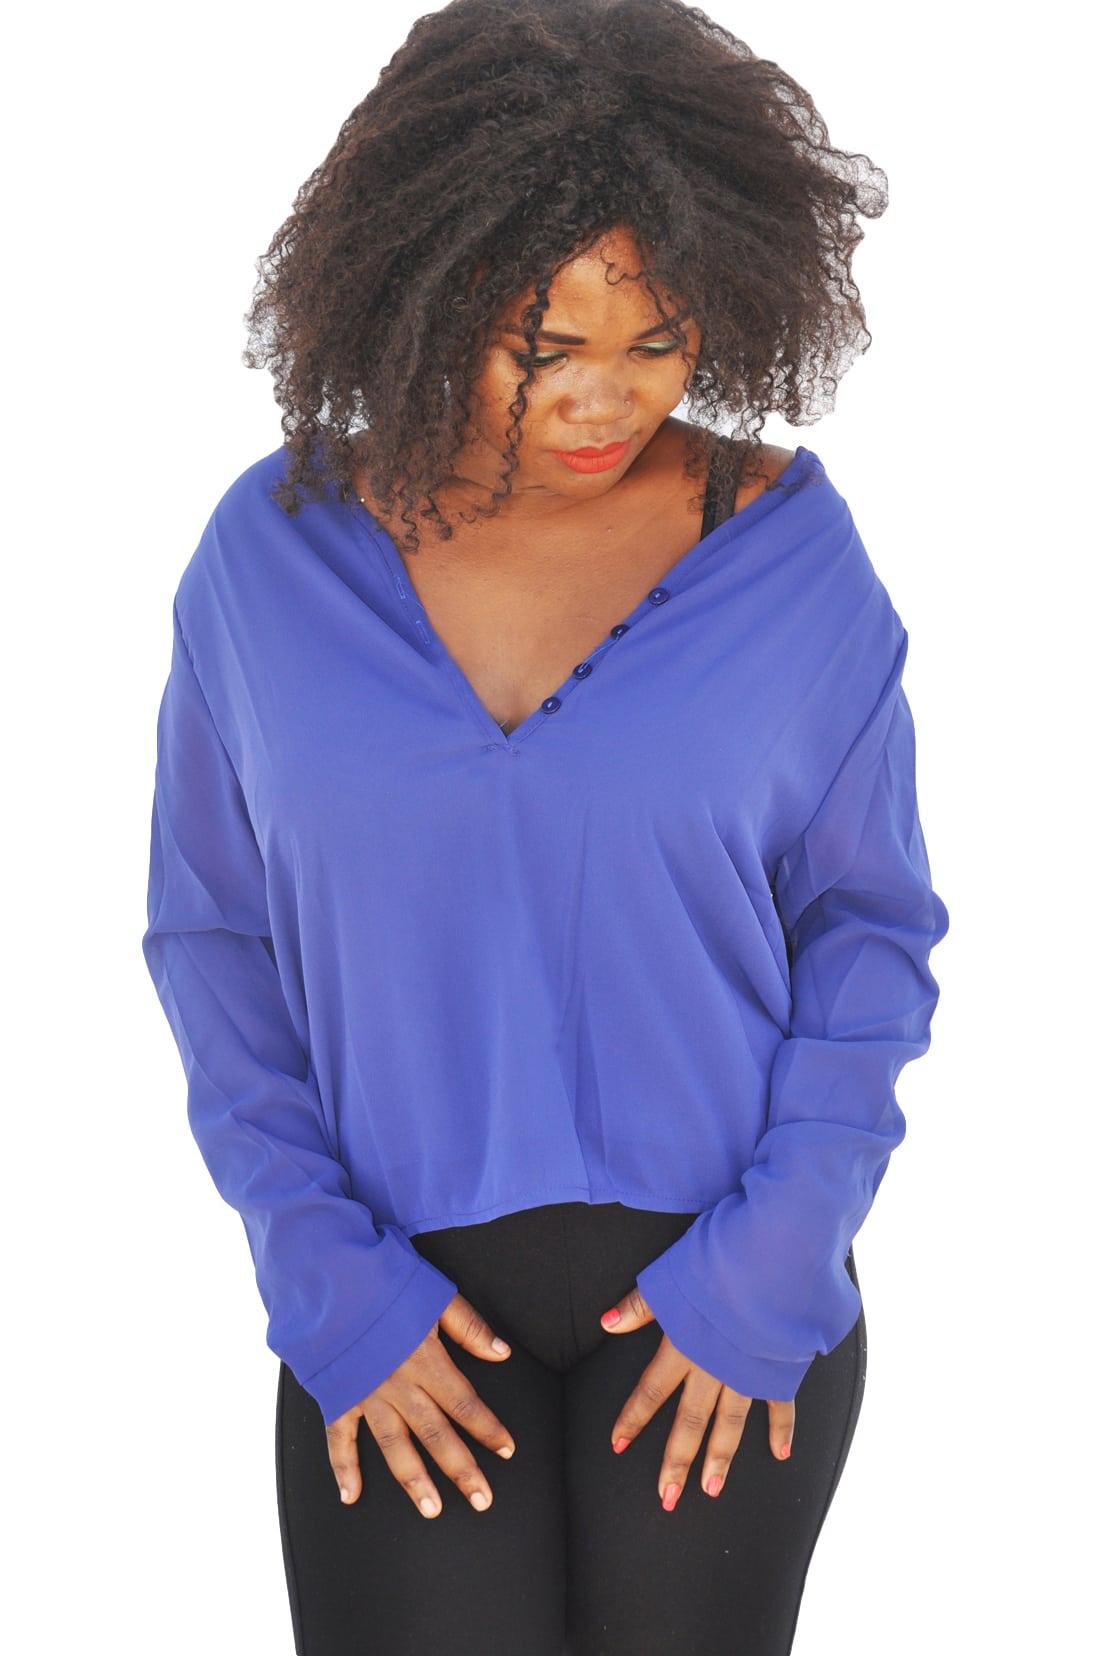 M0225 blue3 Blouses Tops Shirts maureens.com boutique